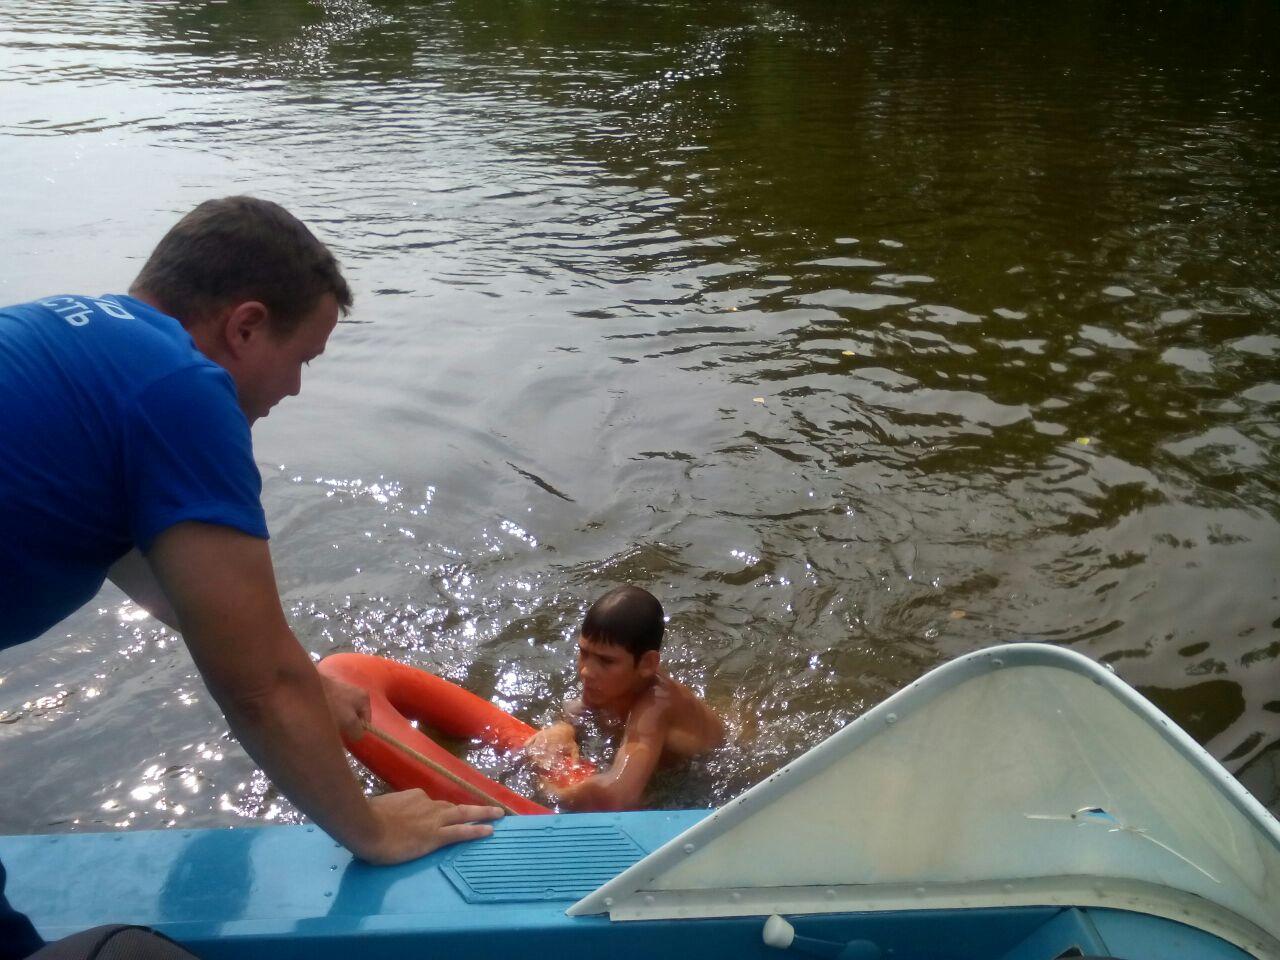 Донские спасатели спасли троих утопающих, среди которых был ребенок